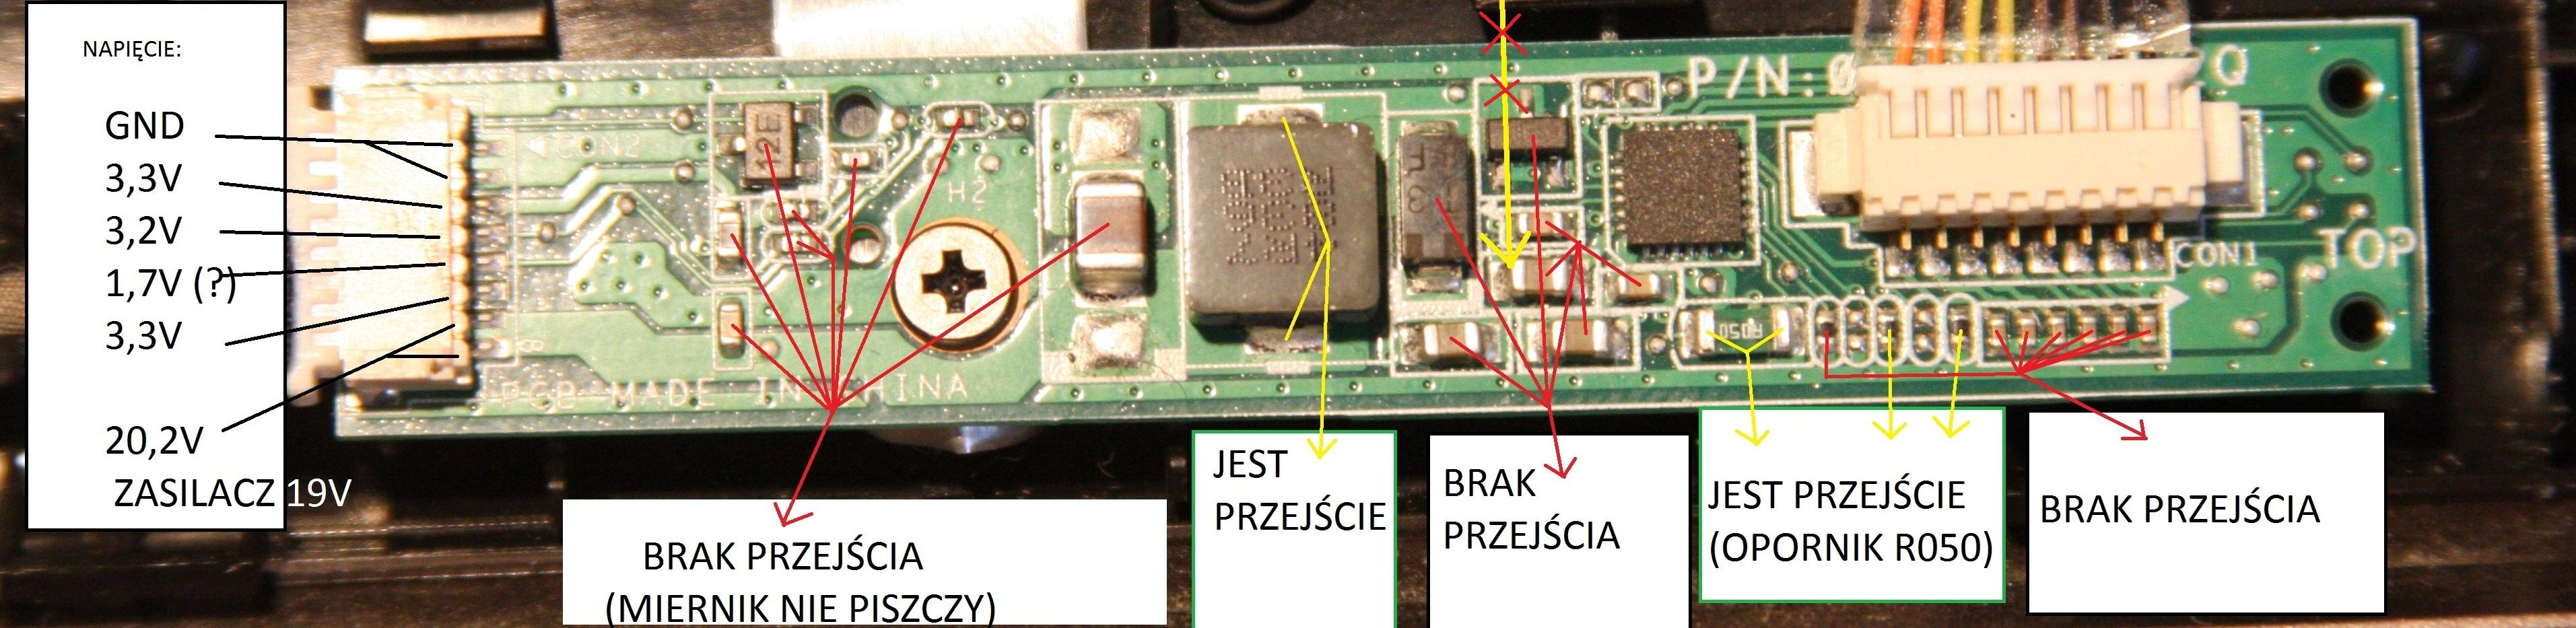 Inwerter Asus N50V 08G2045NM12Q - jak jeszcze mo�na go sprawdzi�?